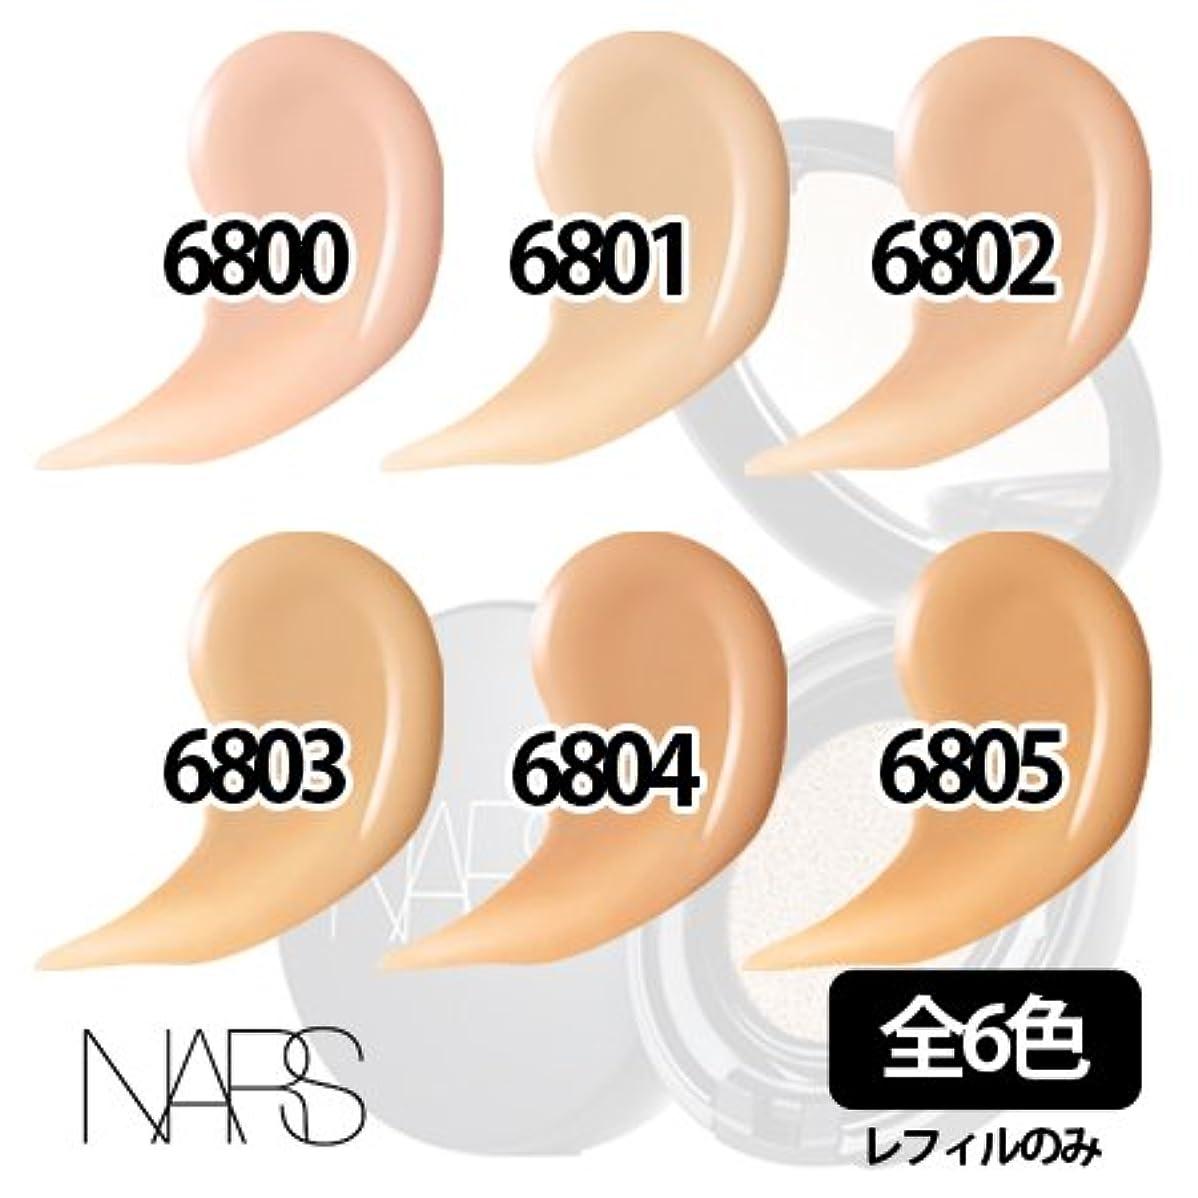 スキームアストロラーベモトリーナーズ アクアティック グロー クッションコンパクト 全6色 [アジア限定] -NARS- (レフィルのみ ※スポンジ付き) 【並行輸入品】 6802